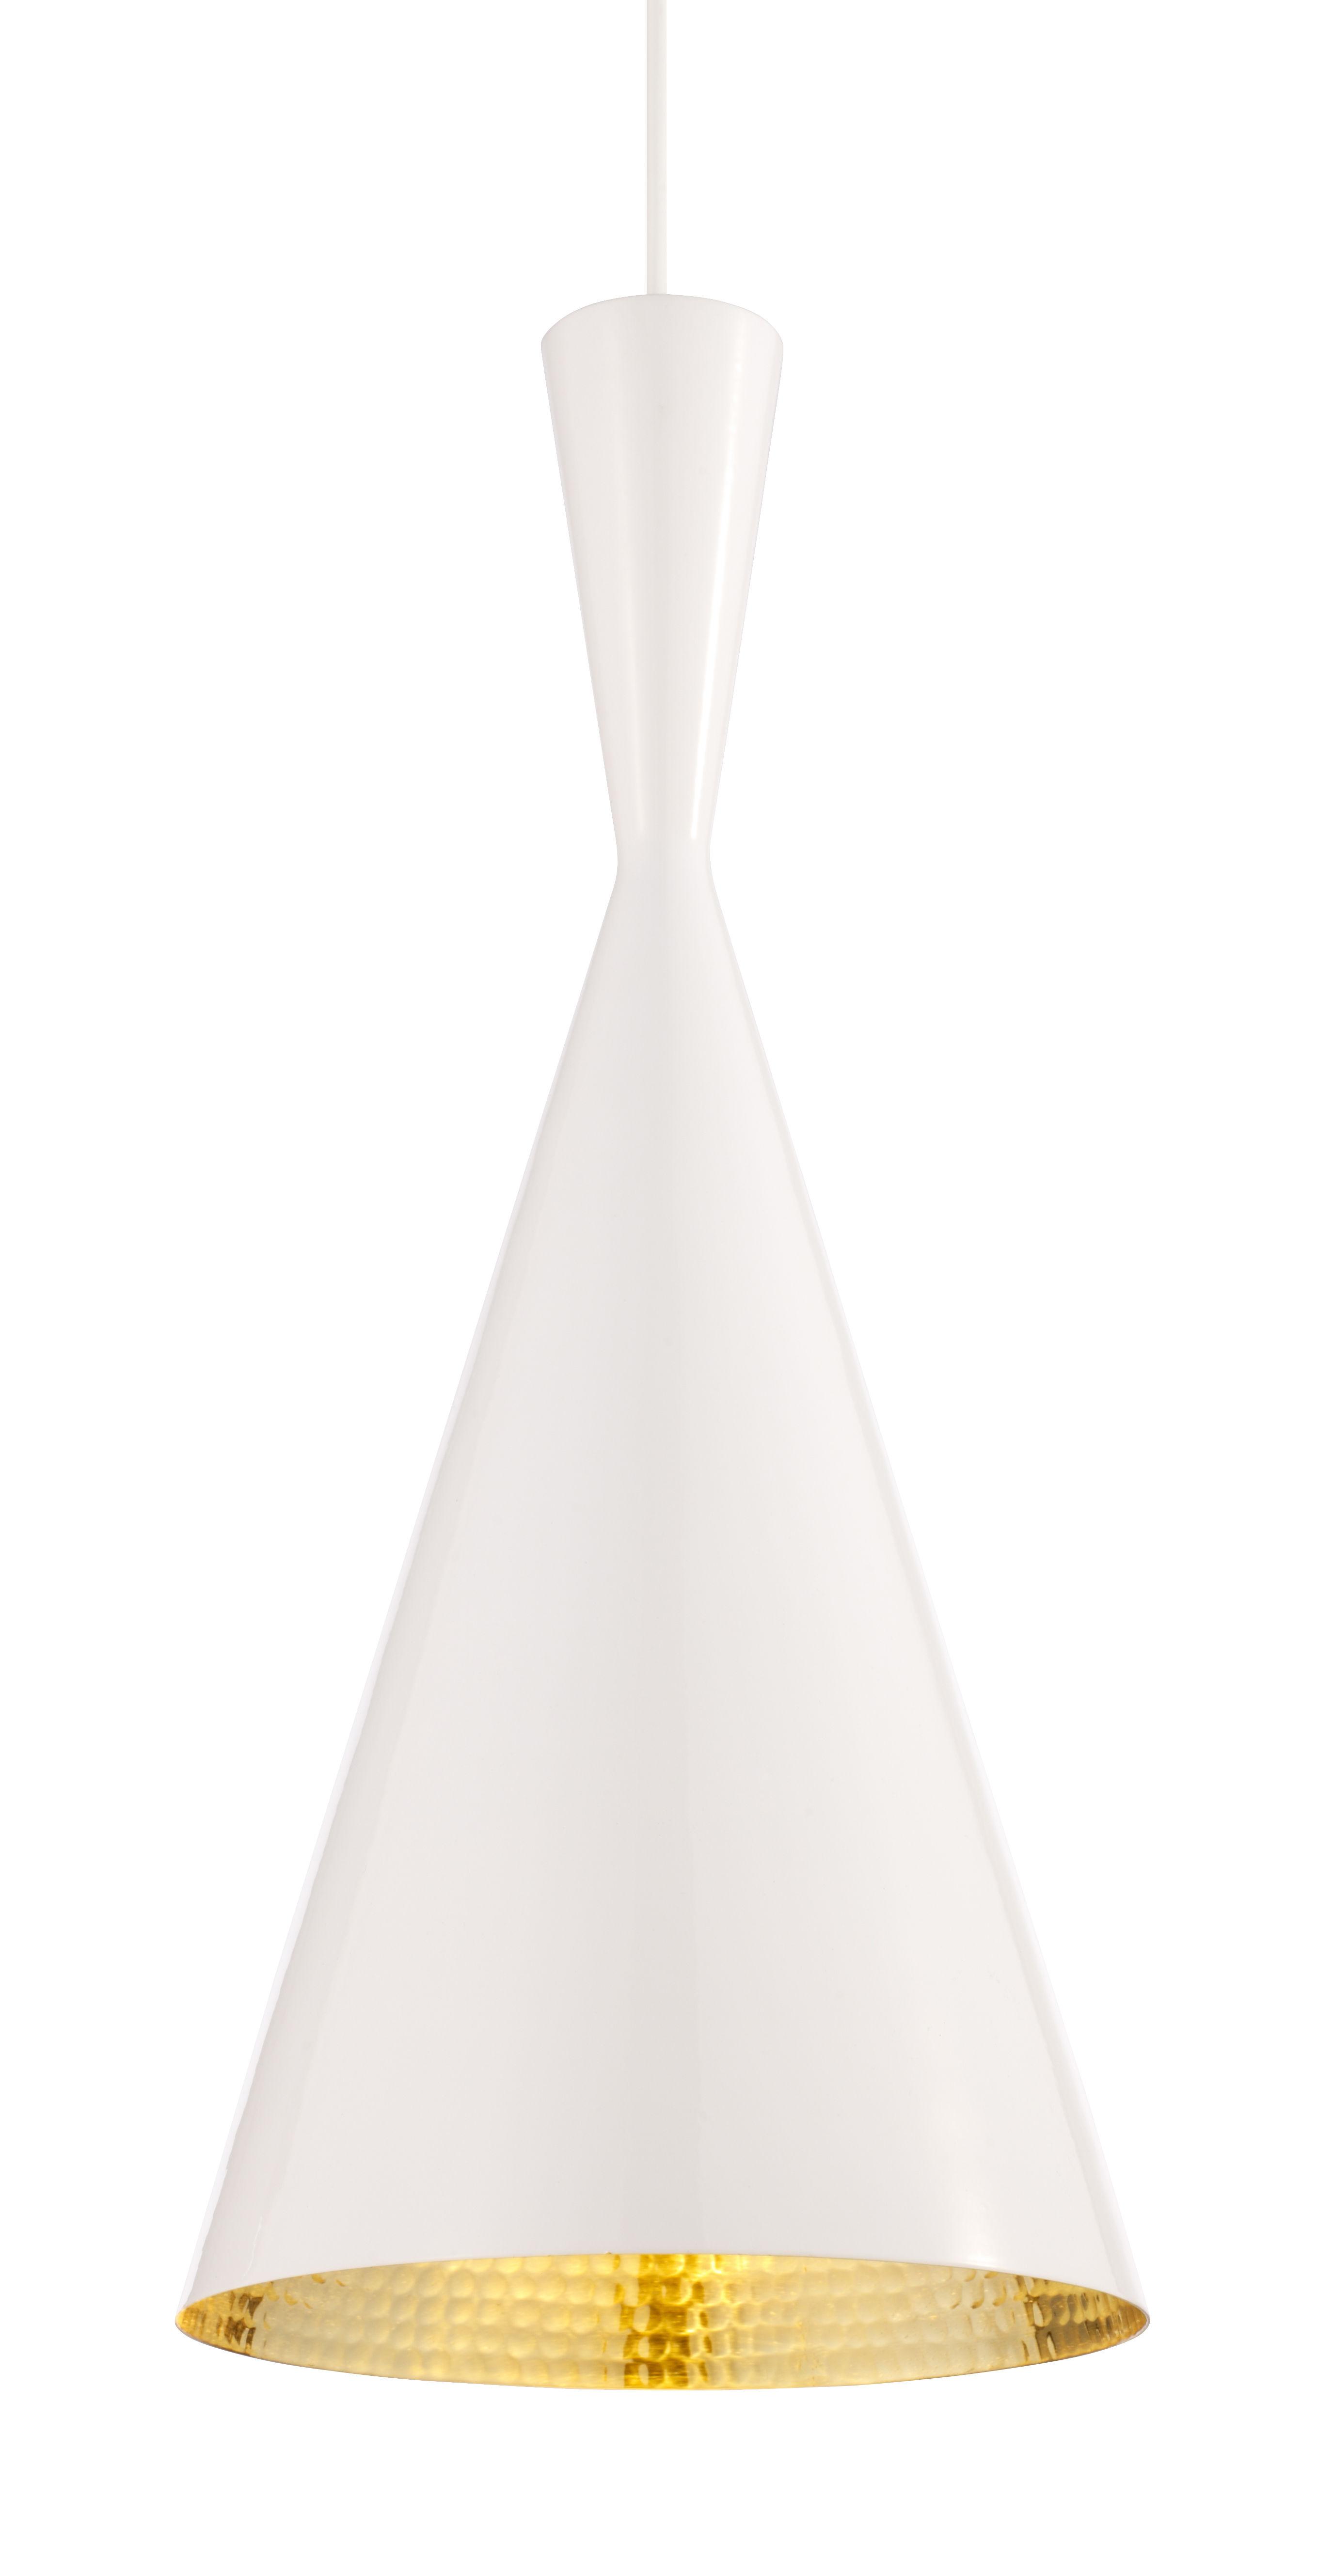 Luminaire - Suspensions - Suspension Beat Tall / Ø 19 cm x H 42 cm - Tom Dixon - Blanc / intérieur doré - Laiton